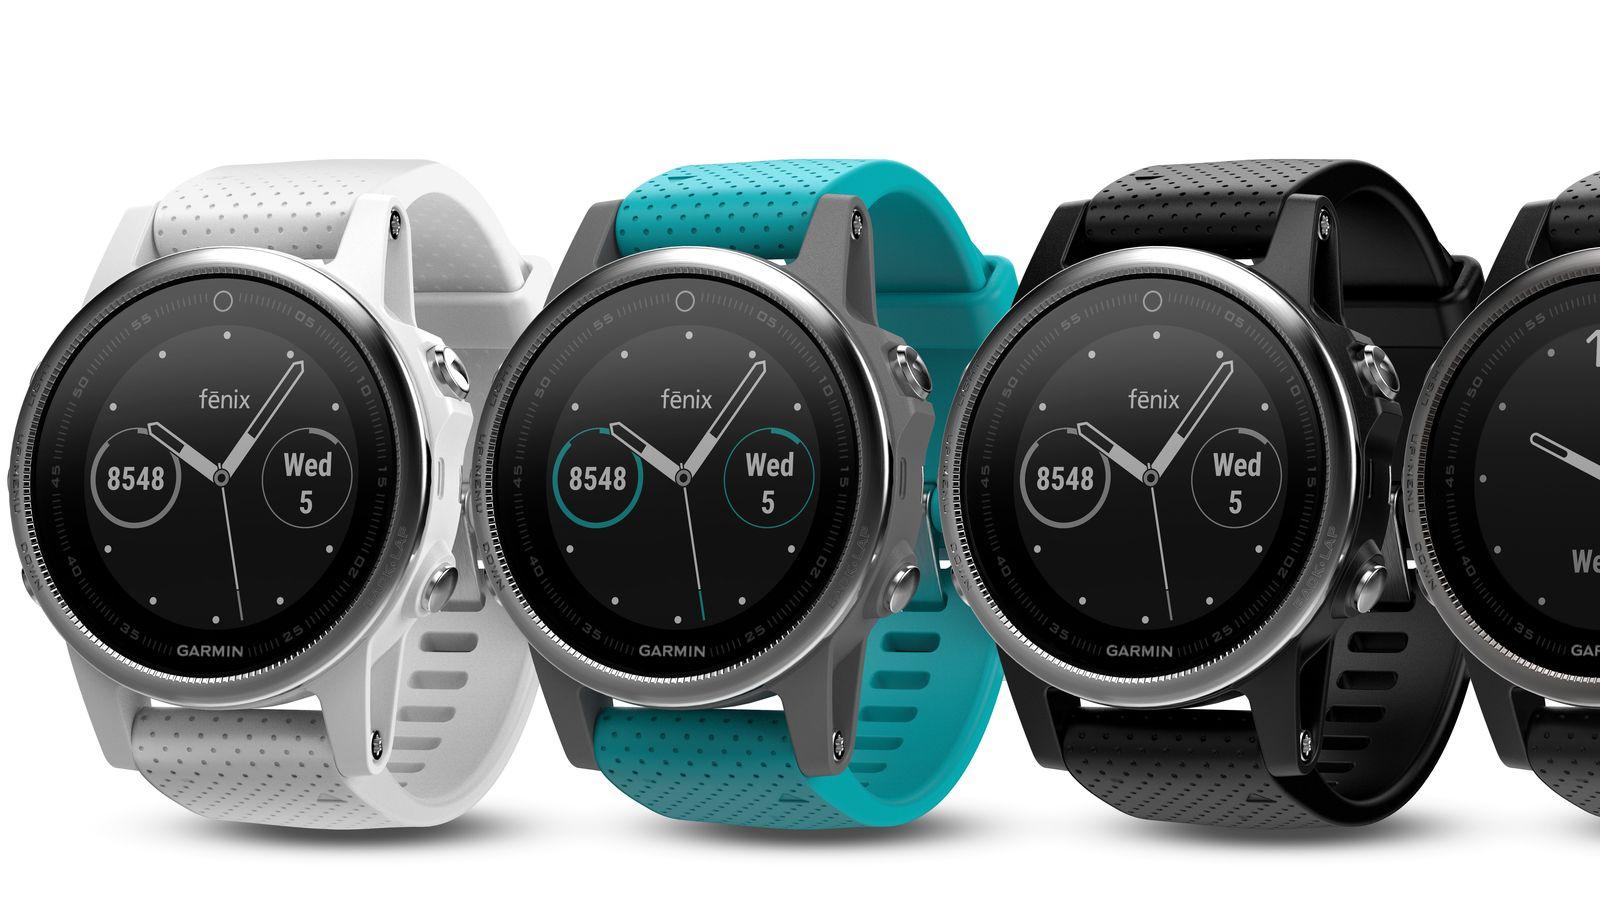 Garmin estrena nuevos relojes inteligentes en Las Vegas